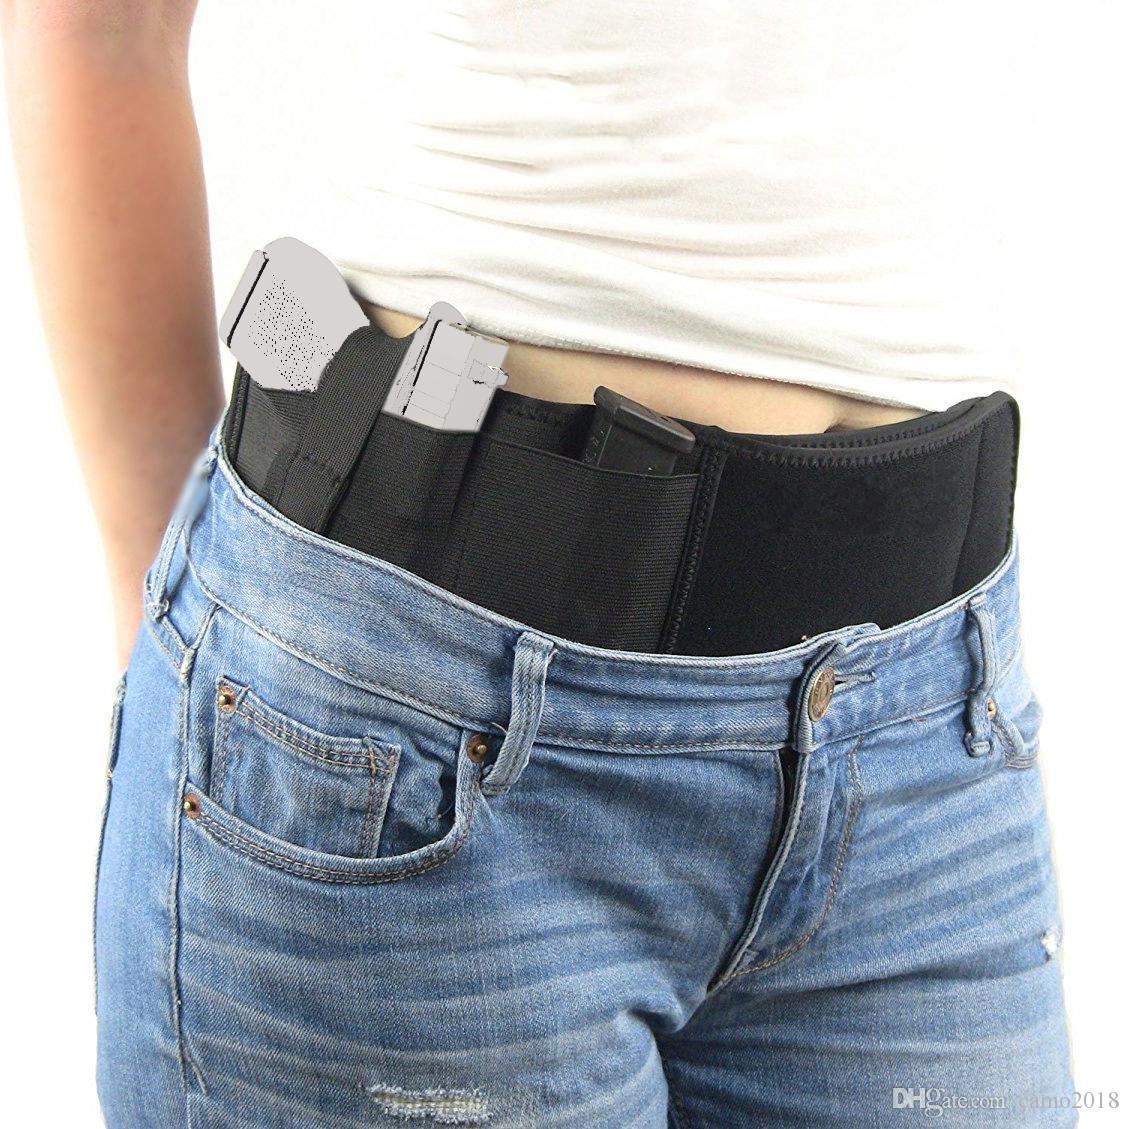 Professional Tactics Composite Materials Waterproof Waist Straps Universal Holster Gun Case Multi-function Hidden Pistol Holster Waist